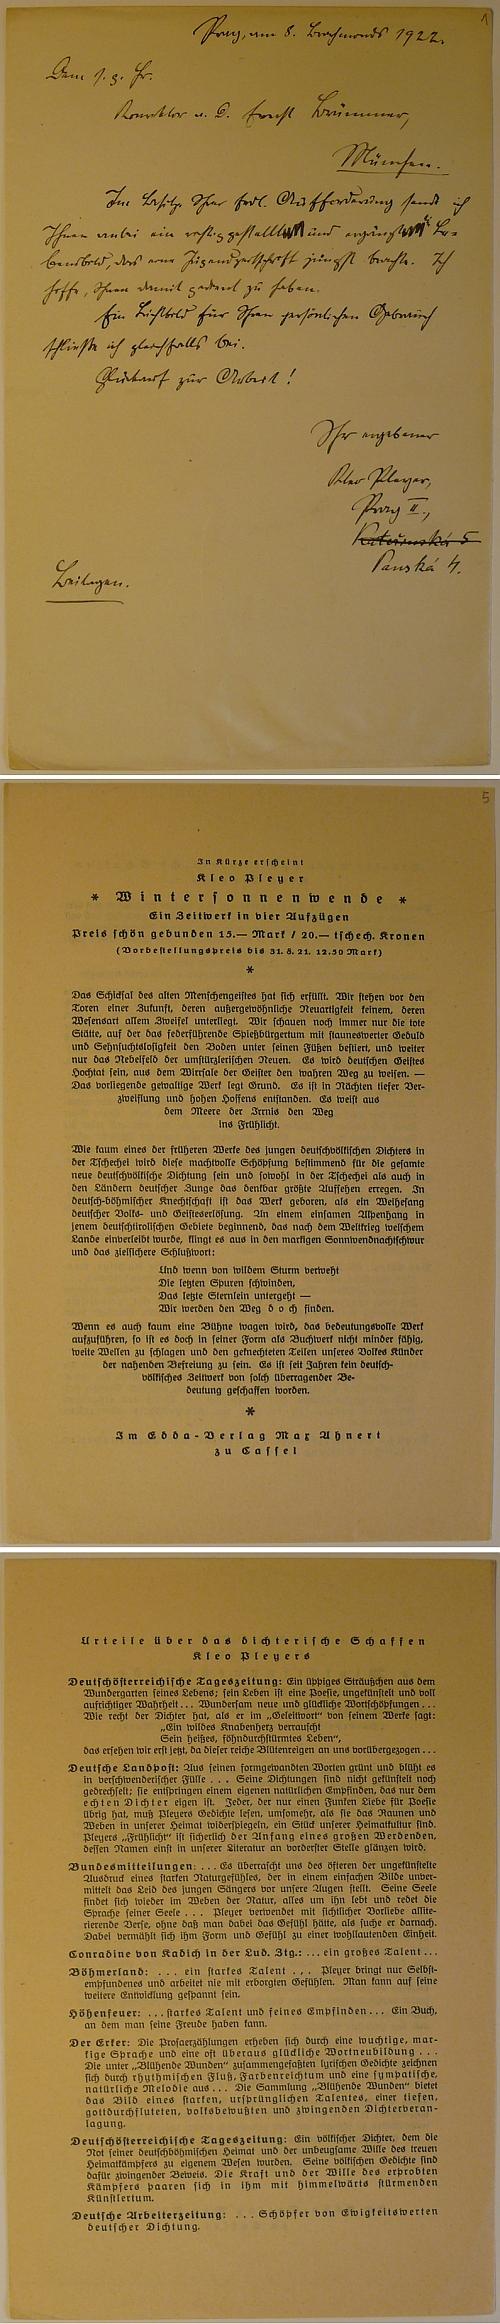 Jeho dopis lexikografovi Franzi Brünnerovi (1836-1923), psaný v Praze roku 1922 adoprovázený referencemi o Pleyerově vstupu do literatury